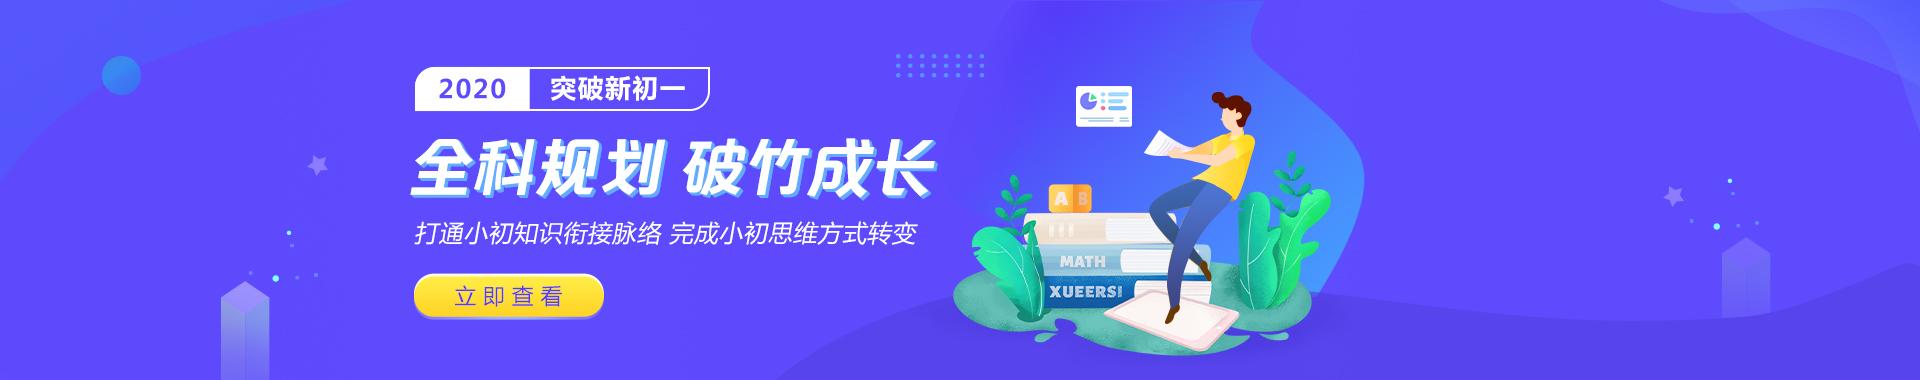 2.0风格广告banner